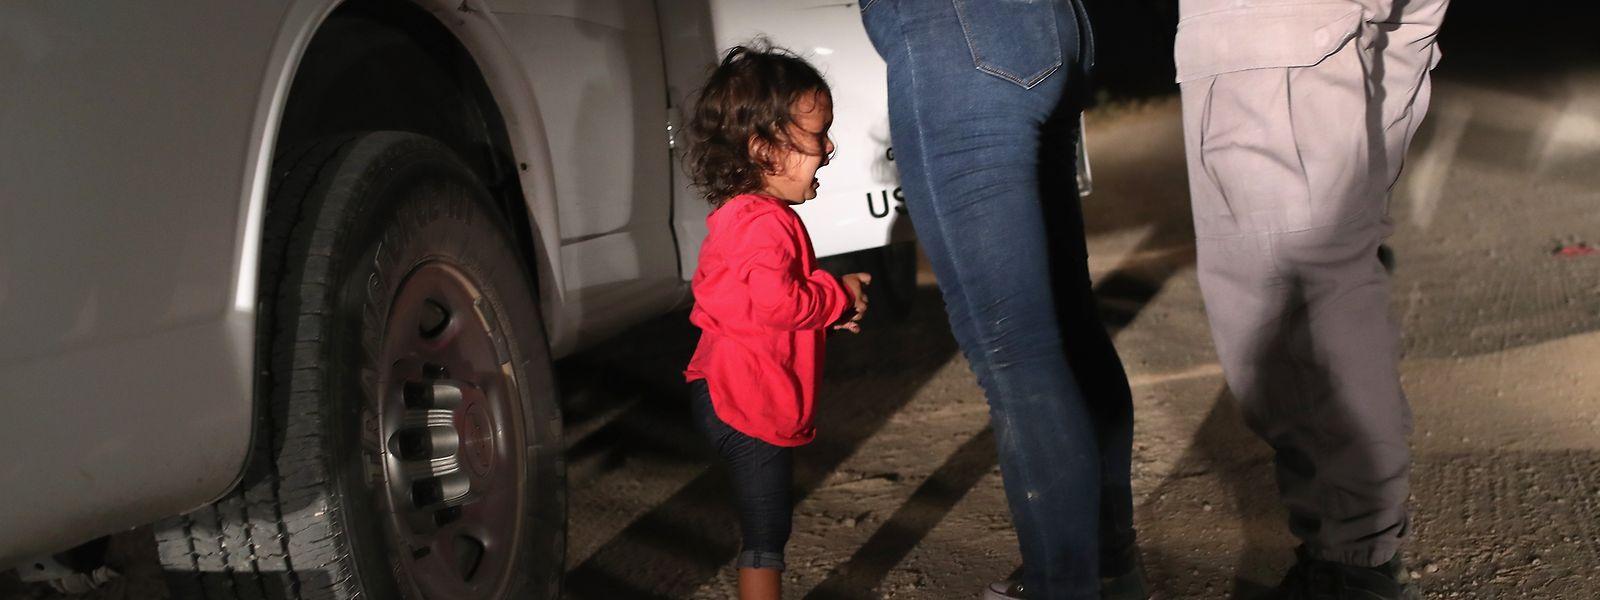 Ein weinendes Mädchen aus Honduras wird zum Symbol für Donald Trumps Grenzpolitik - und der wachsenden Kritik.